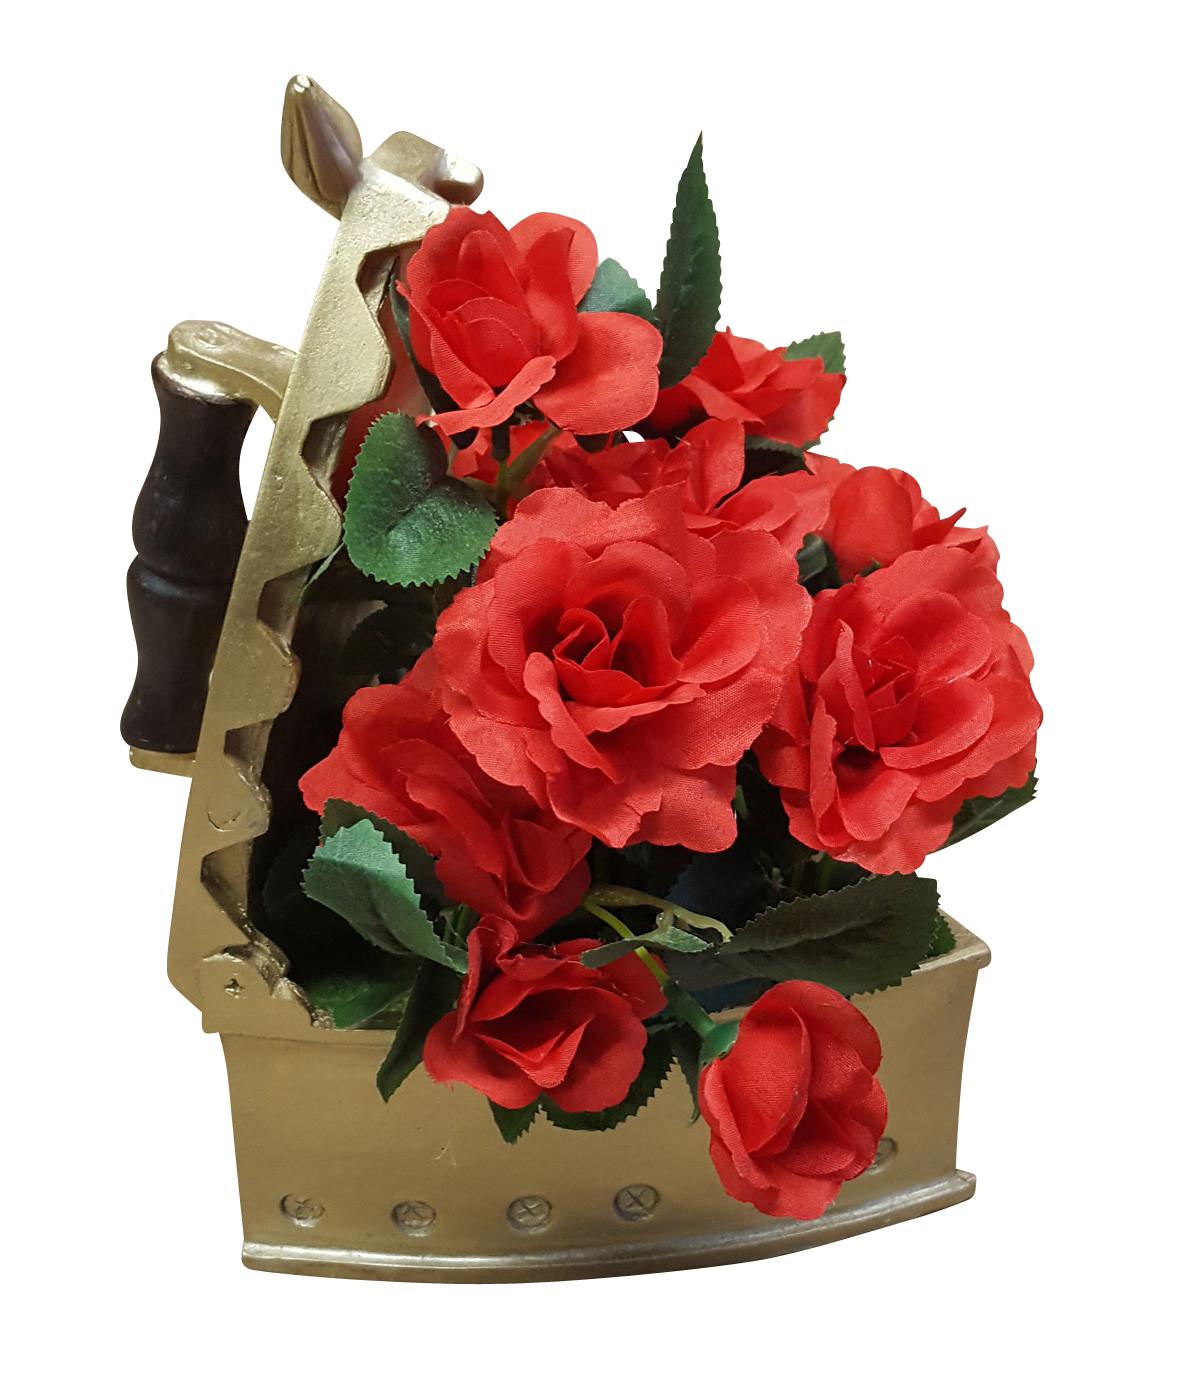 Deko Rosengesteck Im Bugeleisen Tischdeko Kunstblumen Blumengesteck